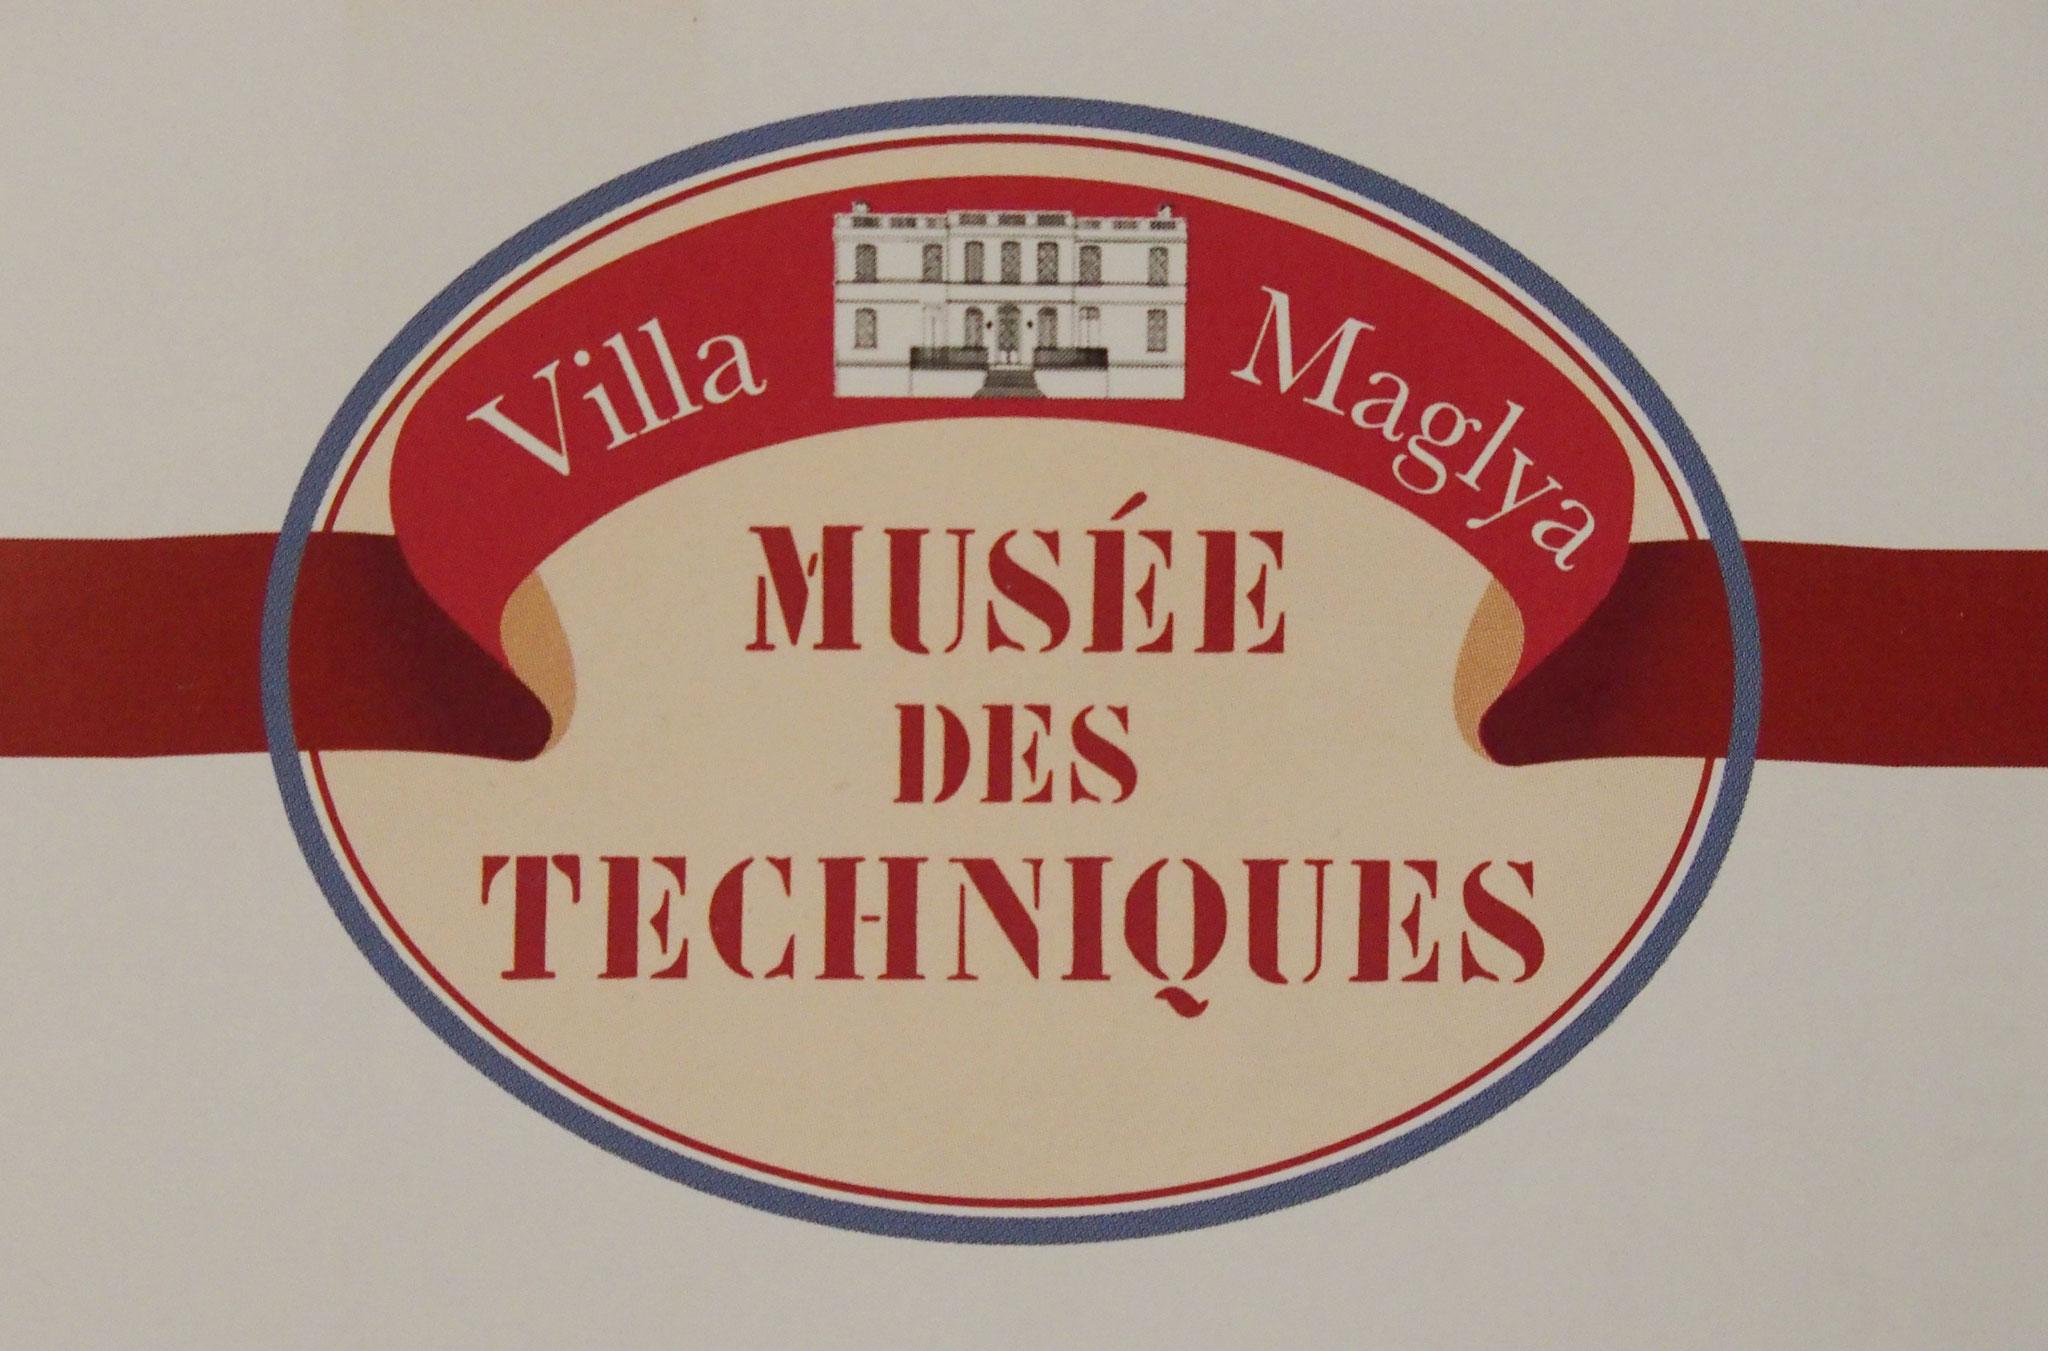 musée des techniques expose les techniques de TISSAGE, ALUMINIUM et PHOTOGRAPHIE